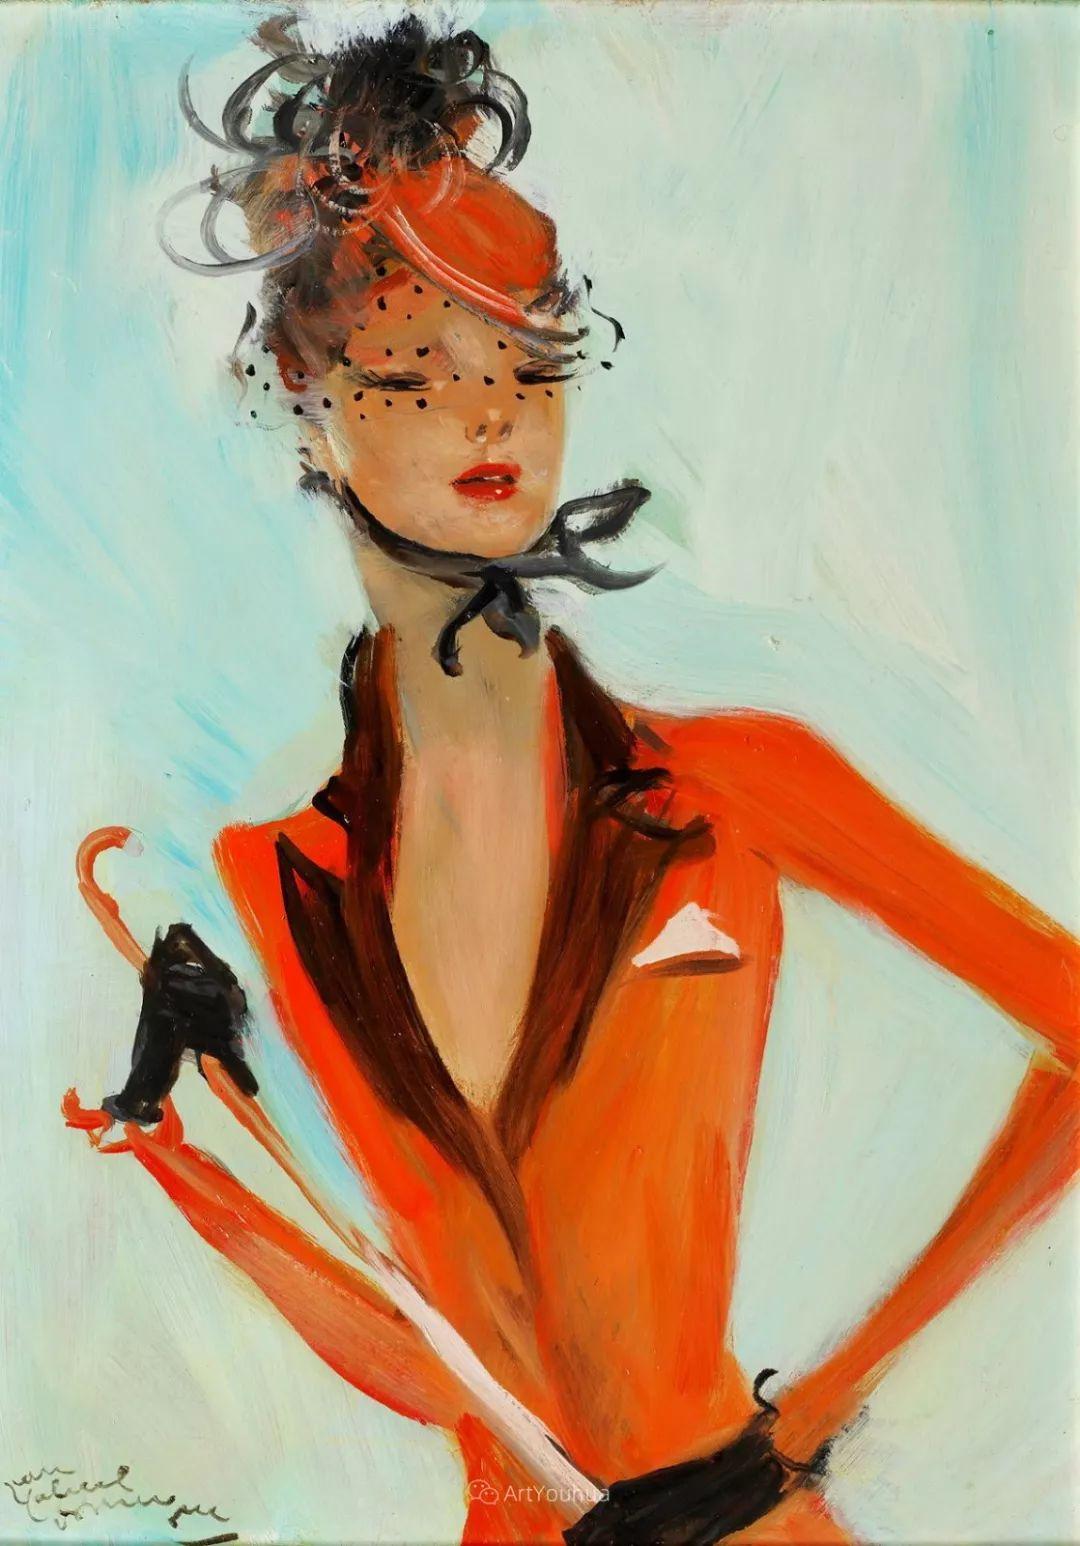 他画中的美女:典雅美丽天鹅颈,脸上带着调情趣味插图20